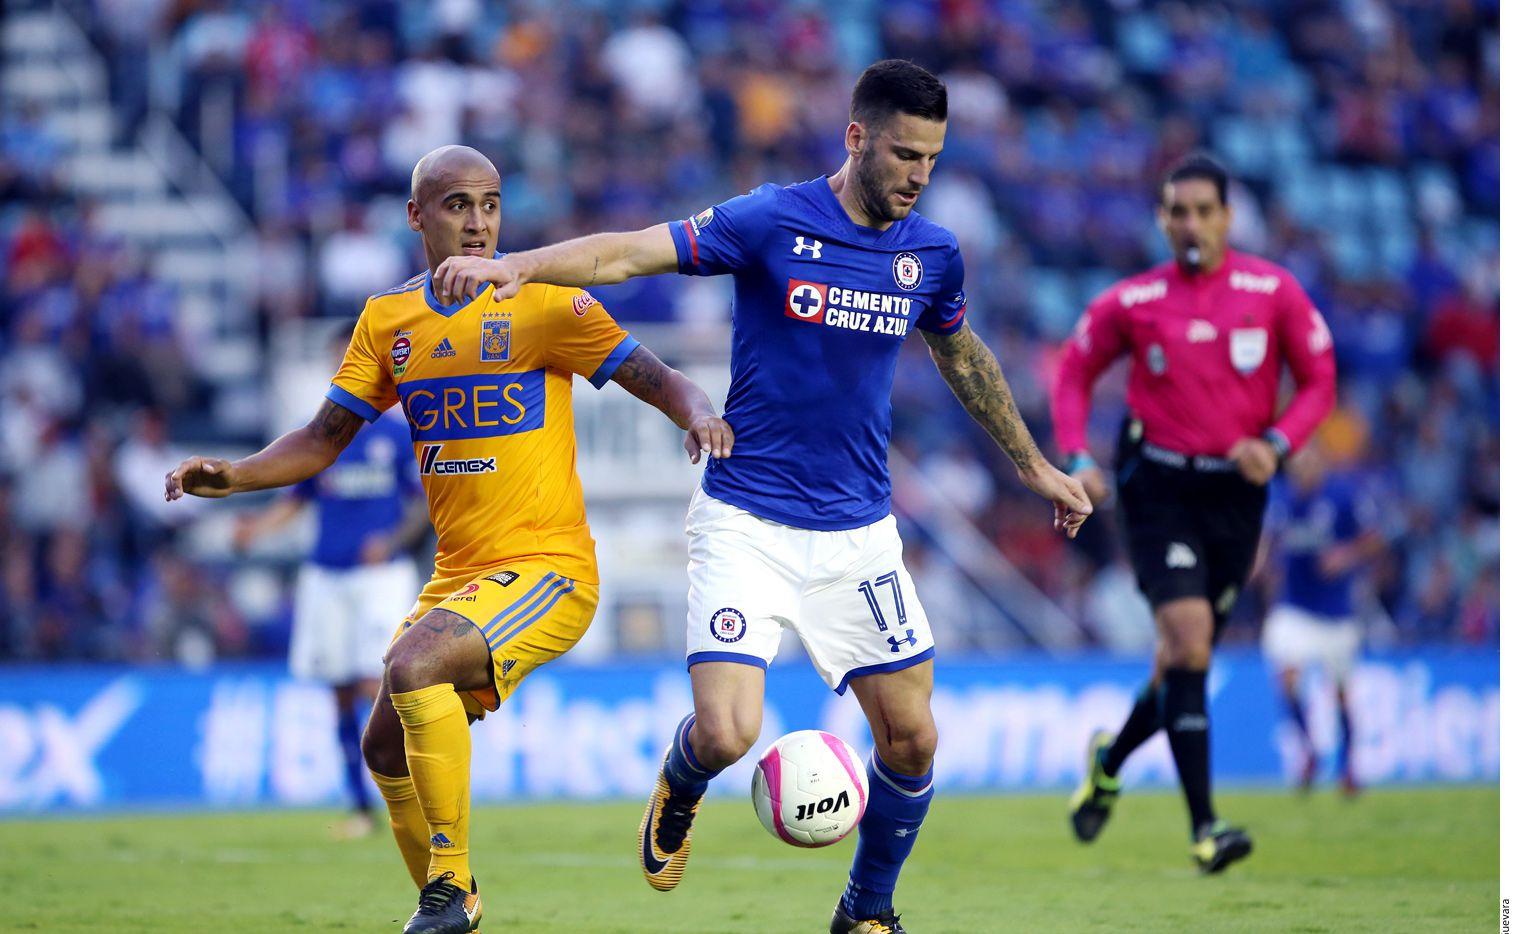 Complica Cruz Azul el boleto a la liguilla pero aún podría clasificarse en la última fecha del Apertura MX. Foto AGENCIA REFORMA